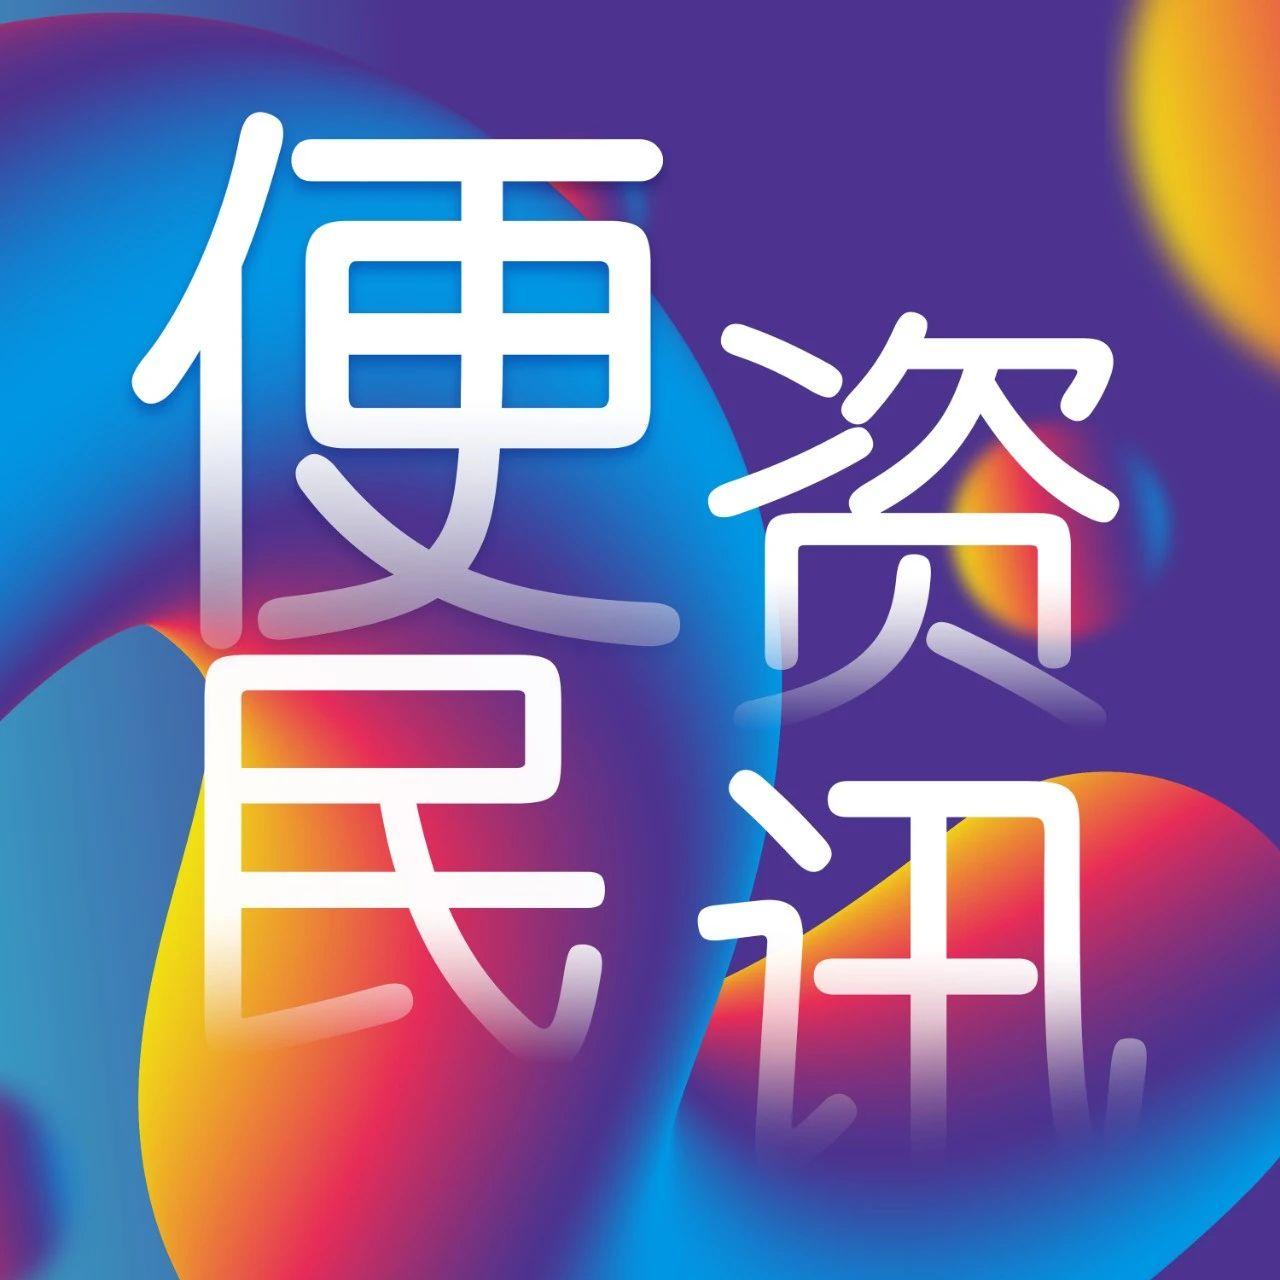 【便民资讯】内蒙古创新洁能再生资源有限公司招聘、鄂尔多斯市王府井百货有限责任公司招聘、便民信息